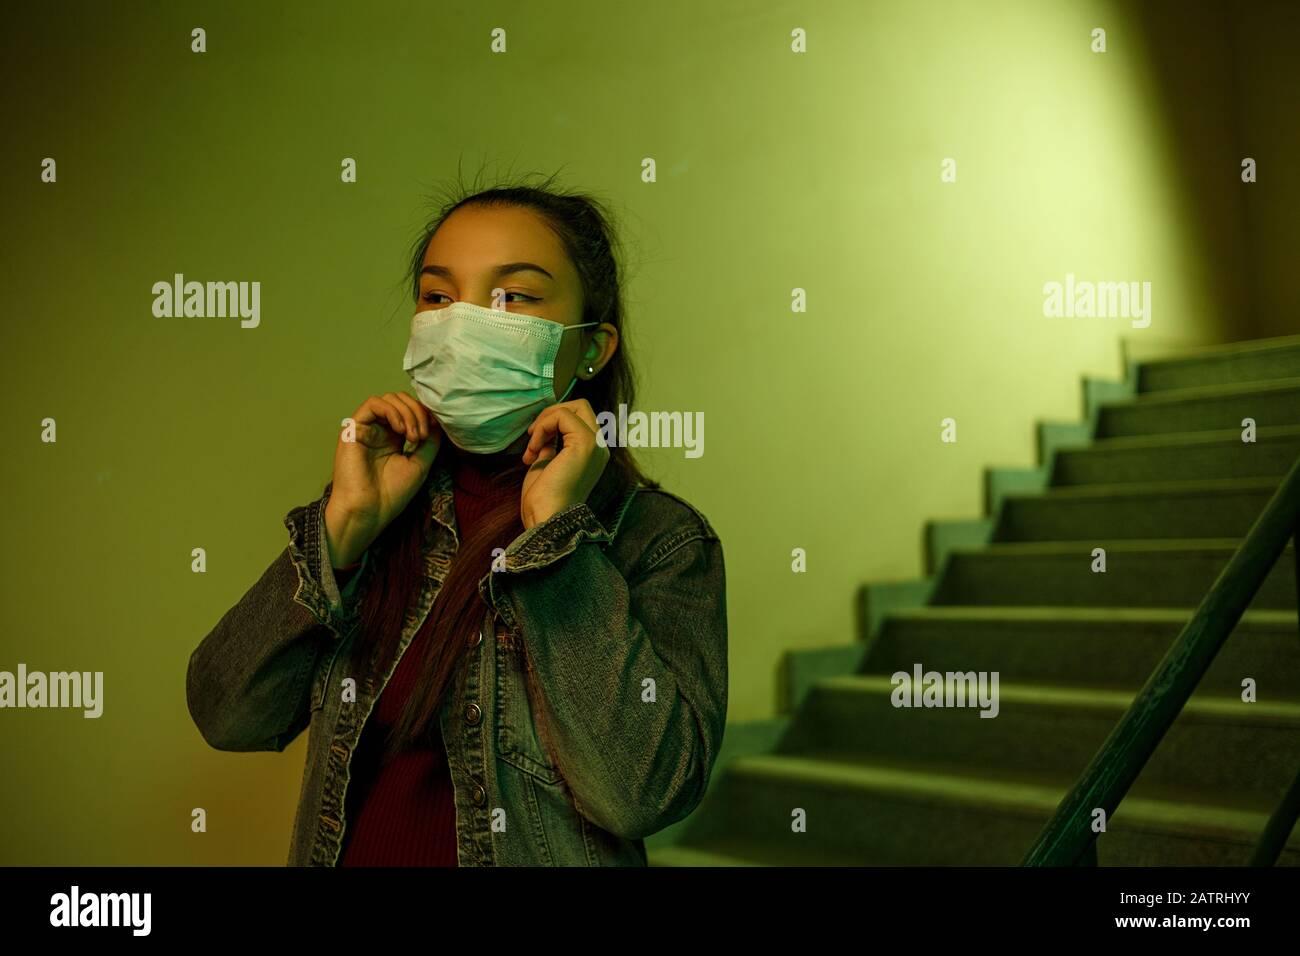 Porträt einer asiatischen jungen Frau. Treppenhaus des Krankenhauses. Das Mädchen trägt eine Maske, um sich nicht mit dem Virus infizieren zu lassen Stockfoto